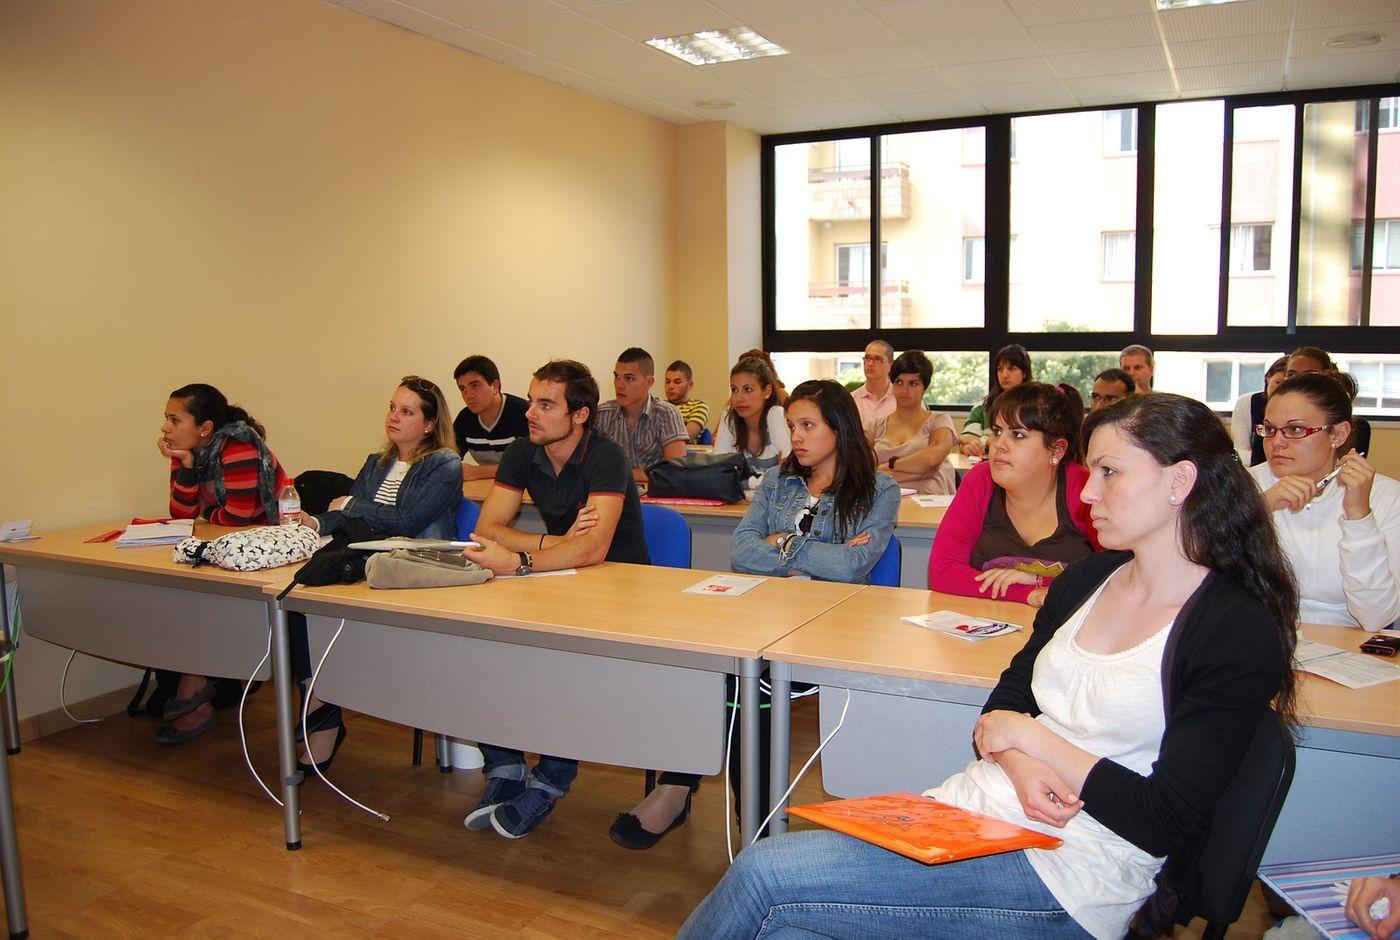 Instituto de Estudios Universitarios A.C. - mejores universidades donde estudiar en puebla